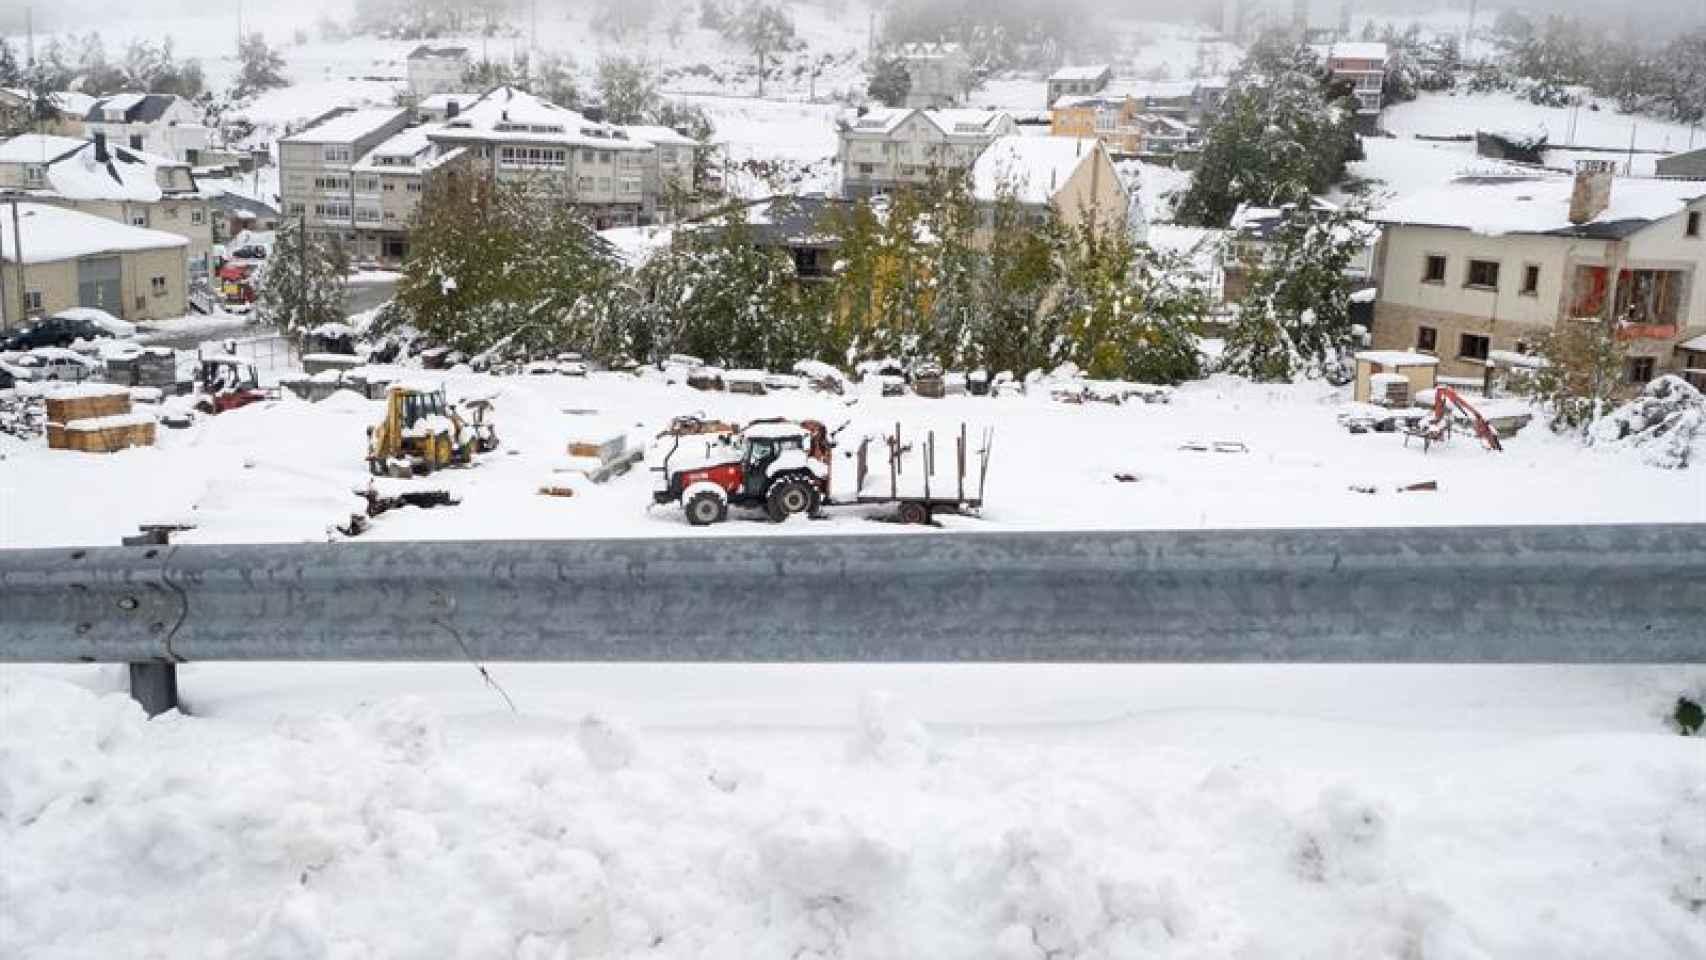 Vista del pueblo de Pedrafita do Cebreiro (Galicia) que se encuentra cubierto por la nieve.